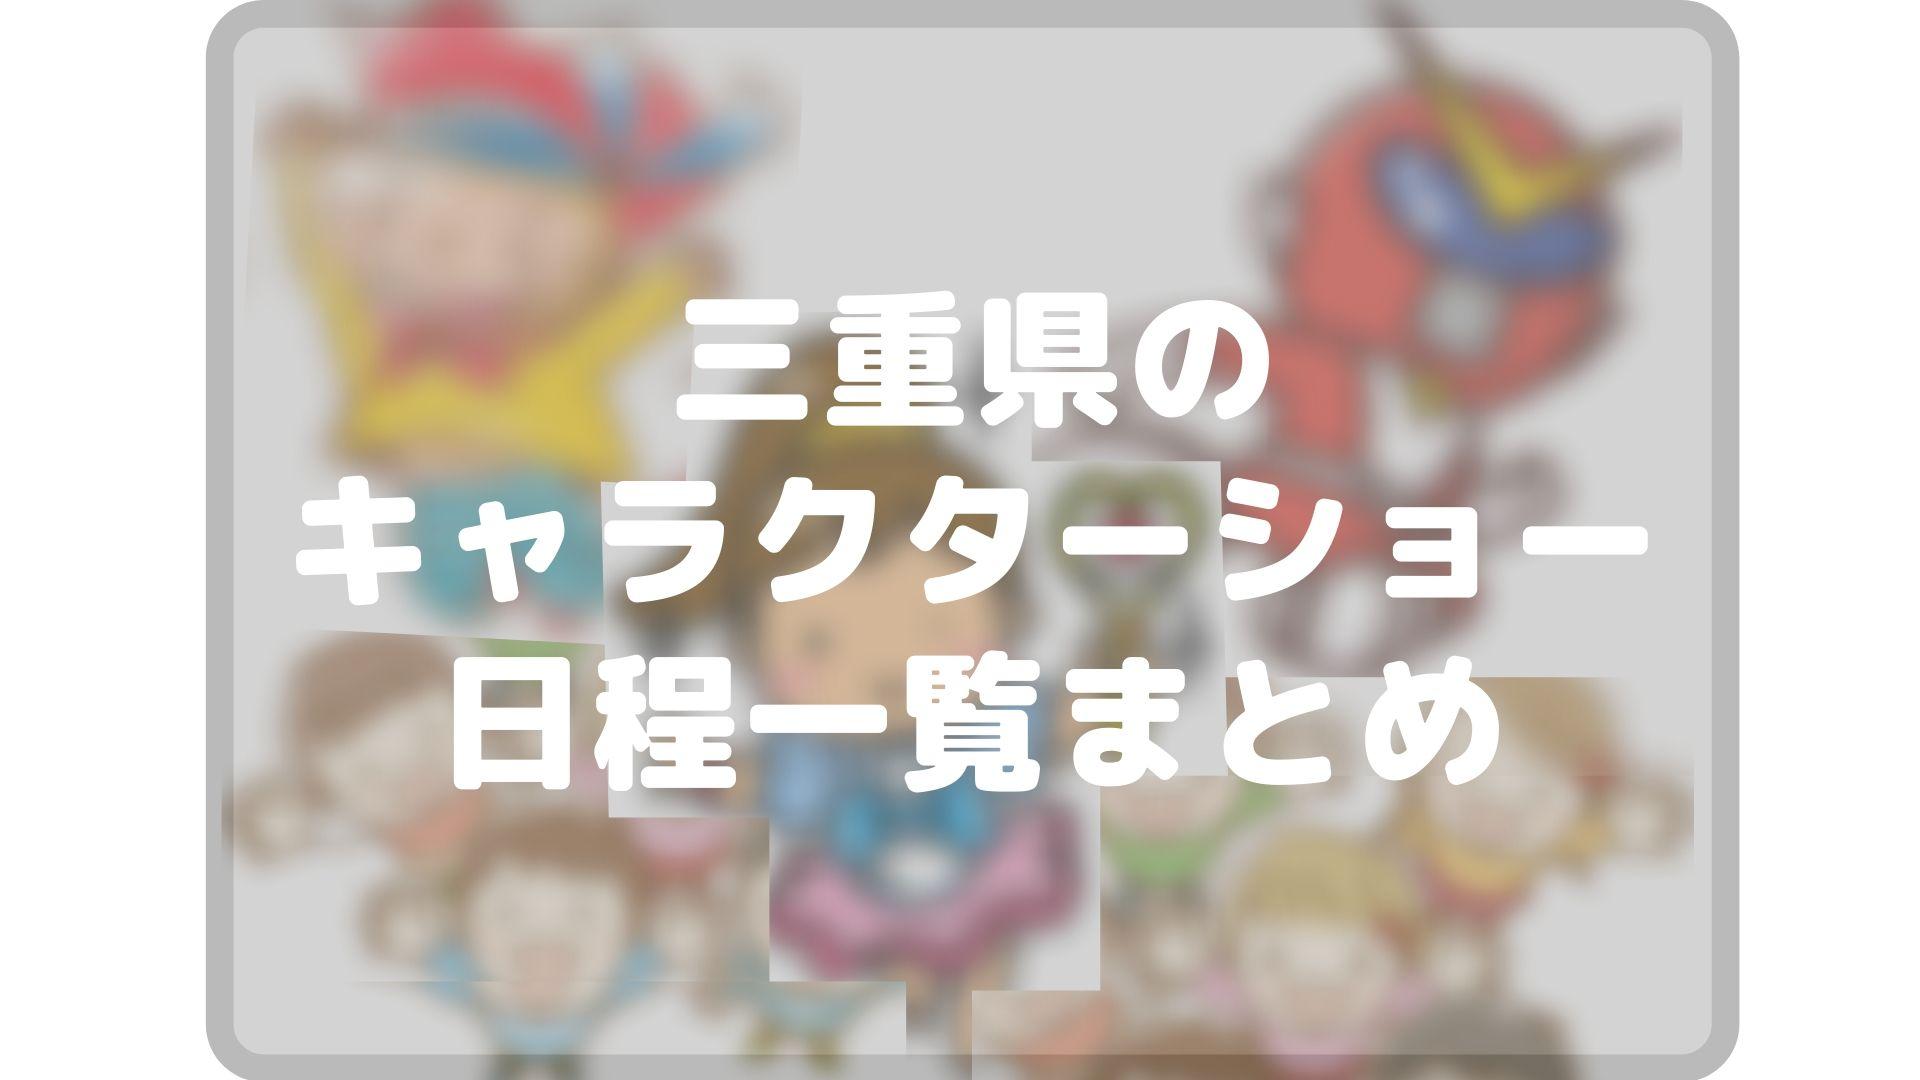 三重県のキャラクターショーまとめタイトル画像